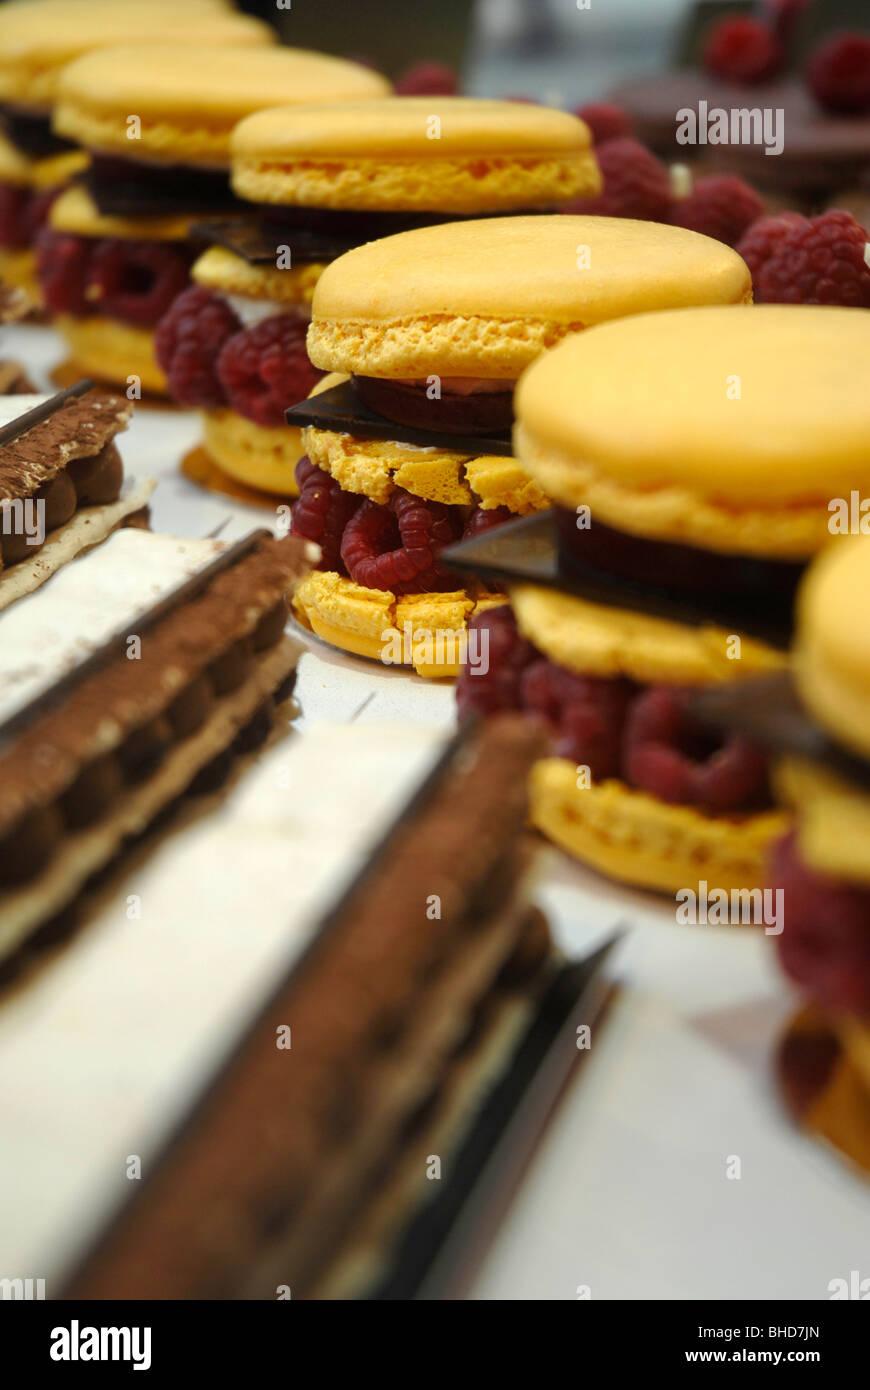 Süße Makronen geschichtet mit frischen Himbeeren und Dünnwafer Schokolade im Schaufenster Fenster Stockbild